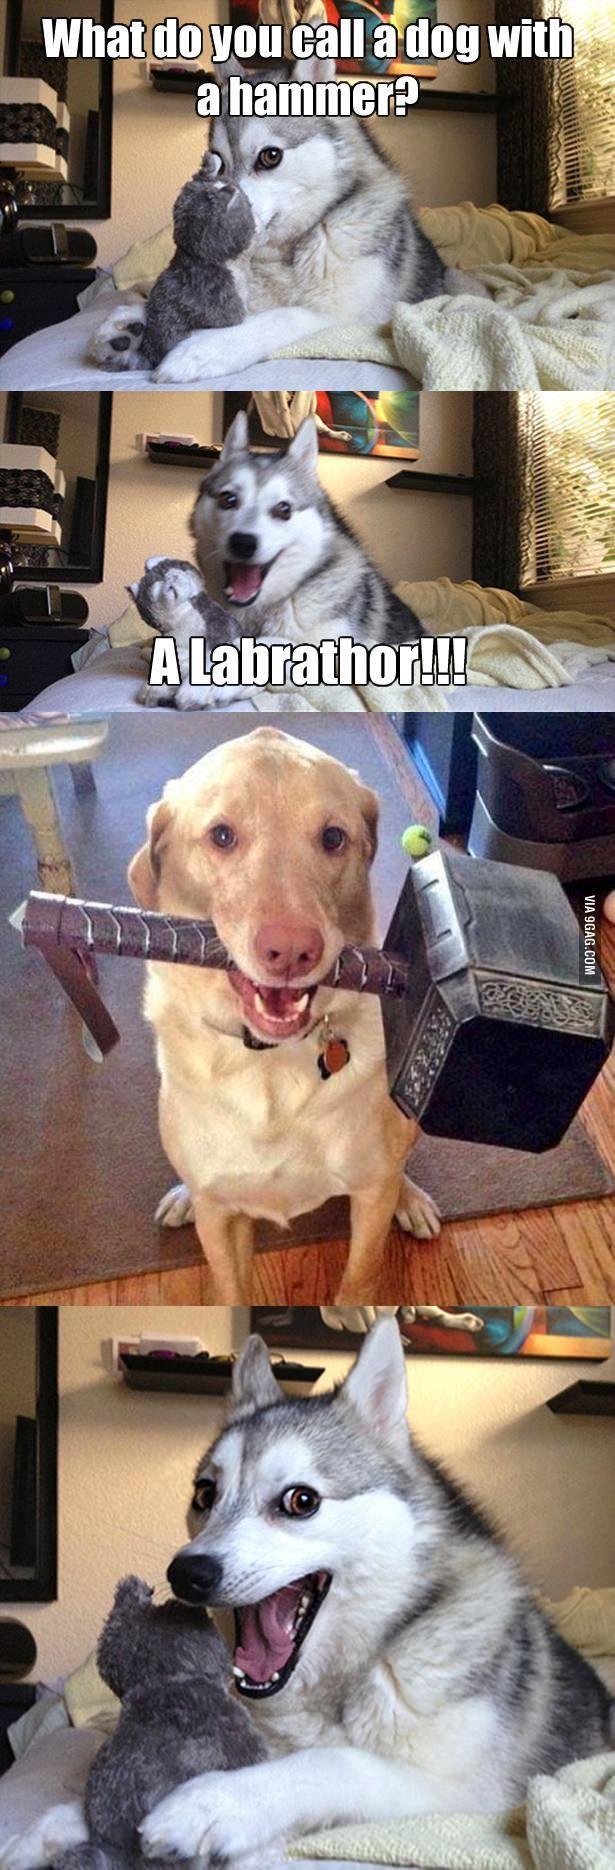 Photo of ¿Cómo llamas a un perro con un martillo? – BildersPin